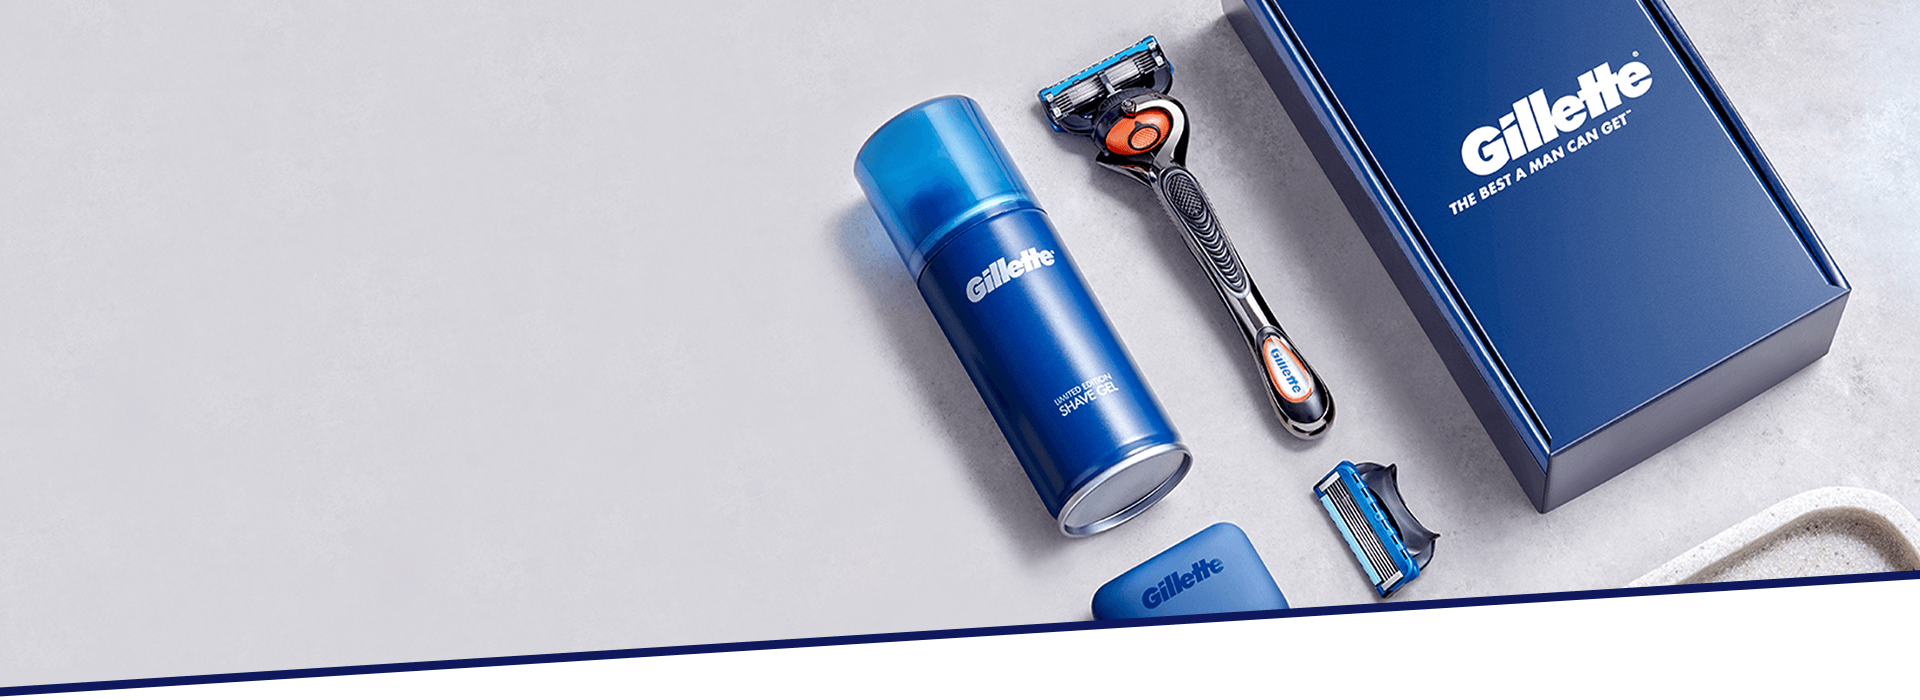 Gillette Club Rasierer Abonnement: Deine Rasur passend zu Dir